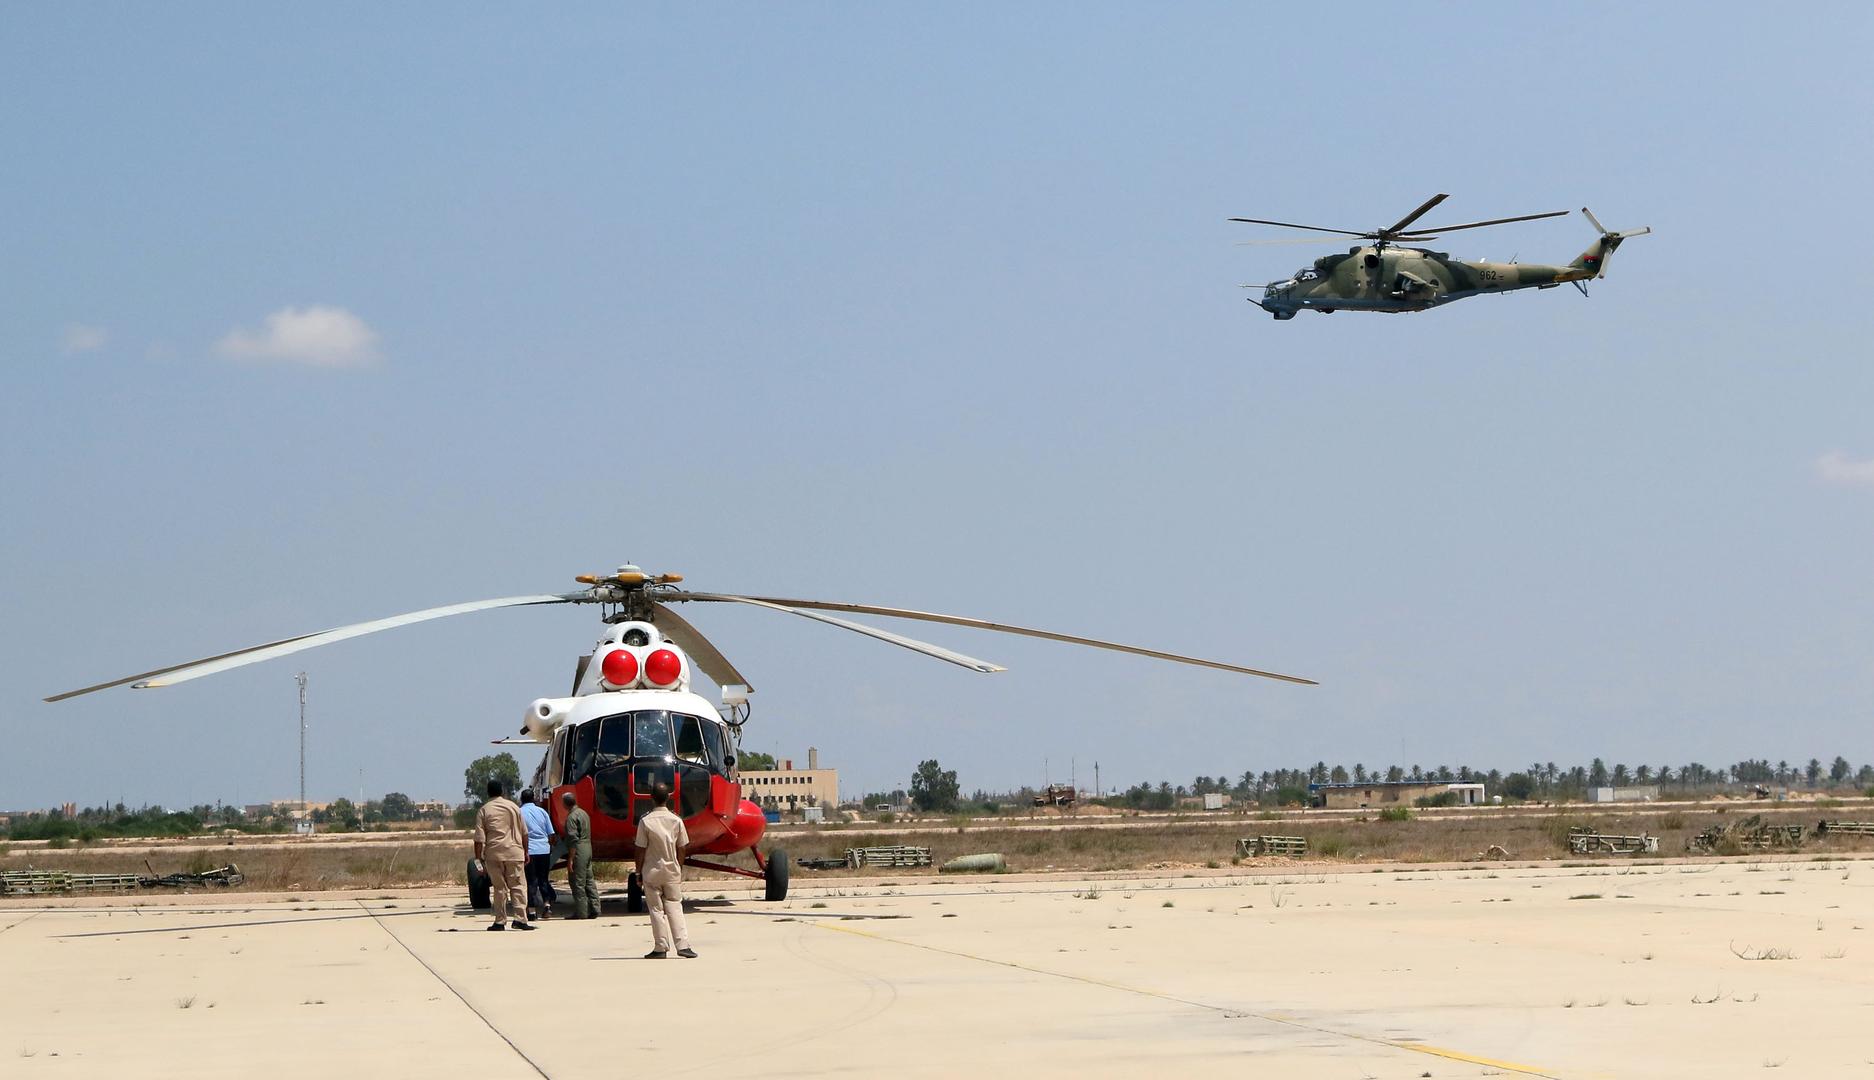 الكلية الجوية - مصراتة - ليبيا